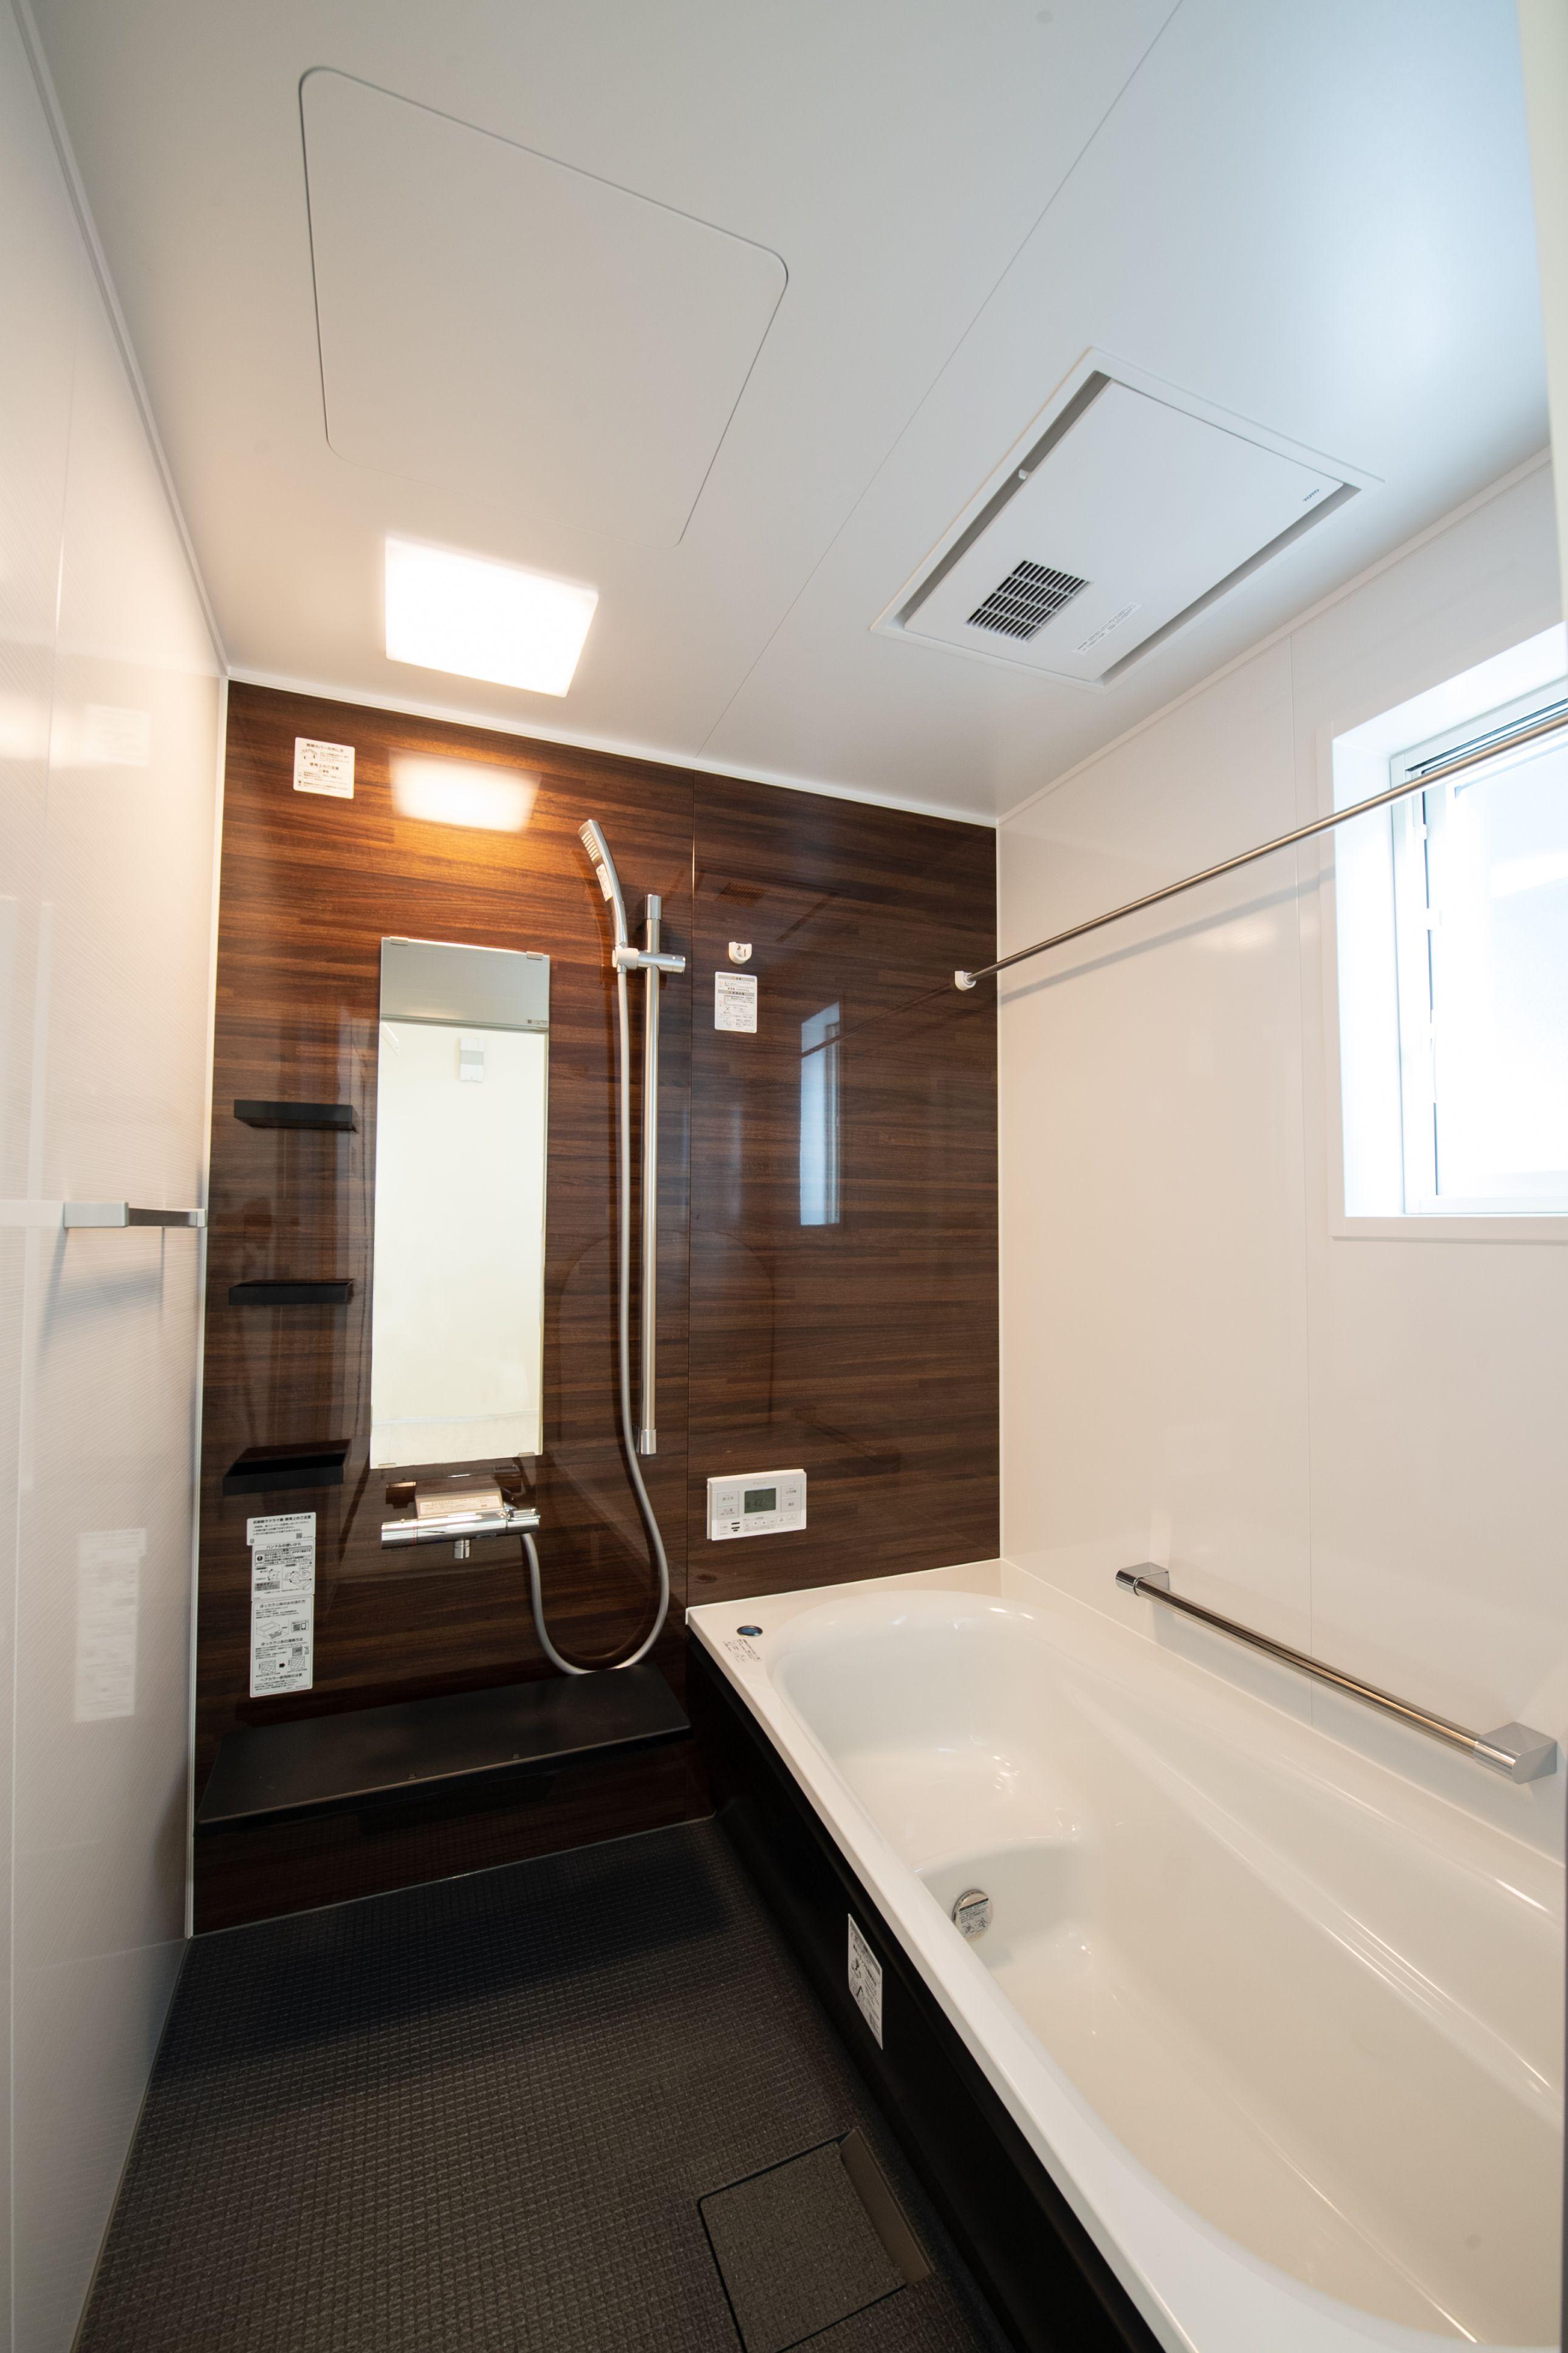 お風呂 おしゃれまとめの人気アイデア Pinterest 平安コーポレーション 本社 2020 ユニットバス 浴室 デザイン 浴室 Toto